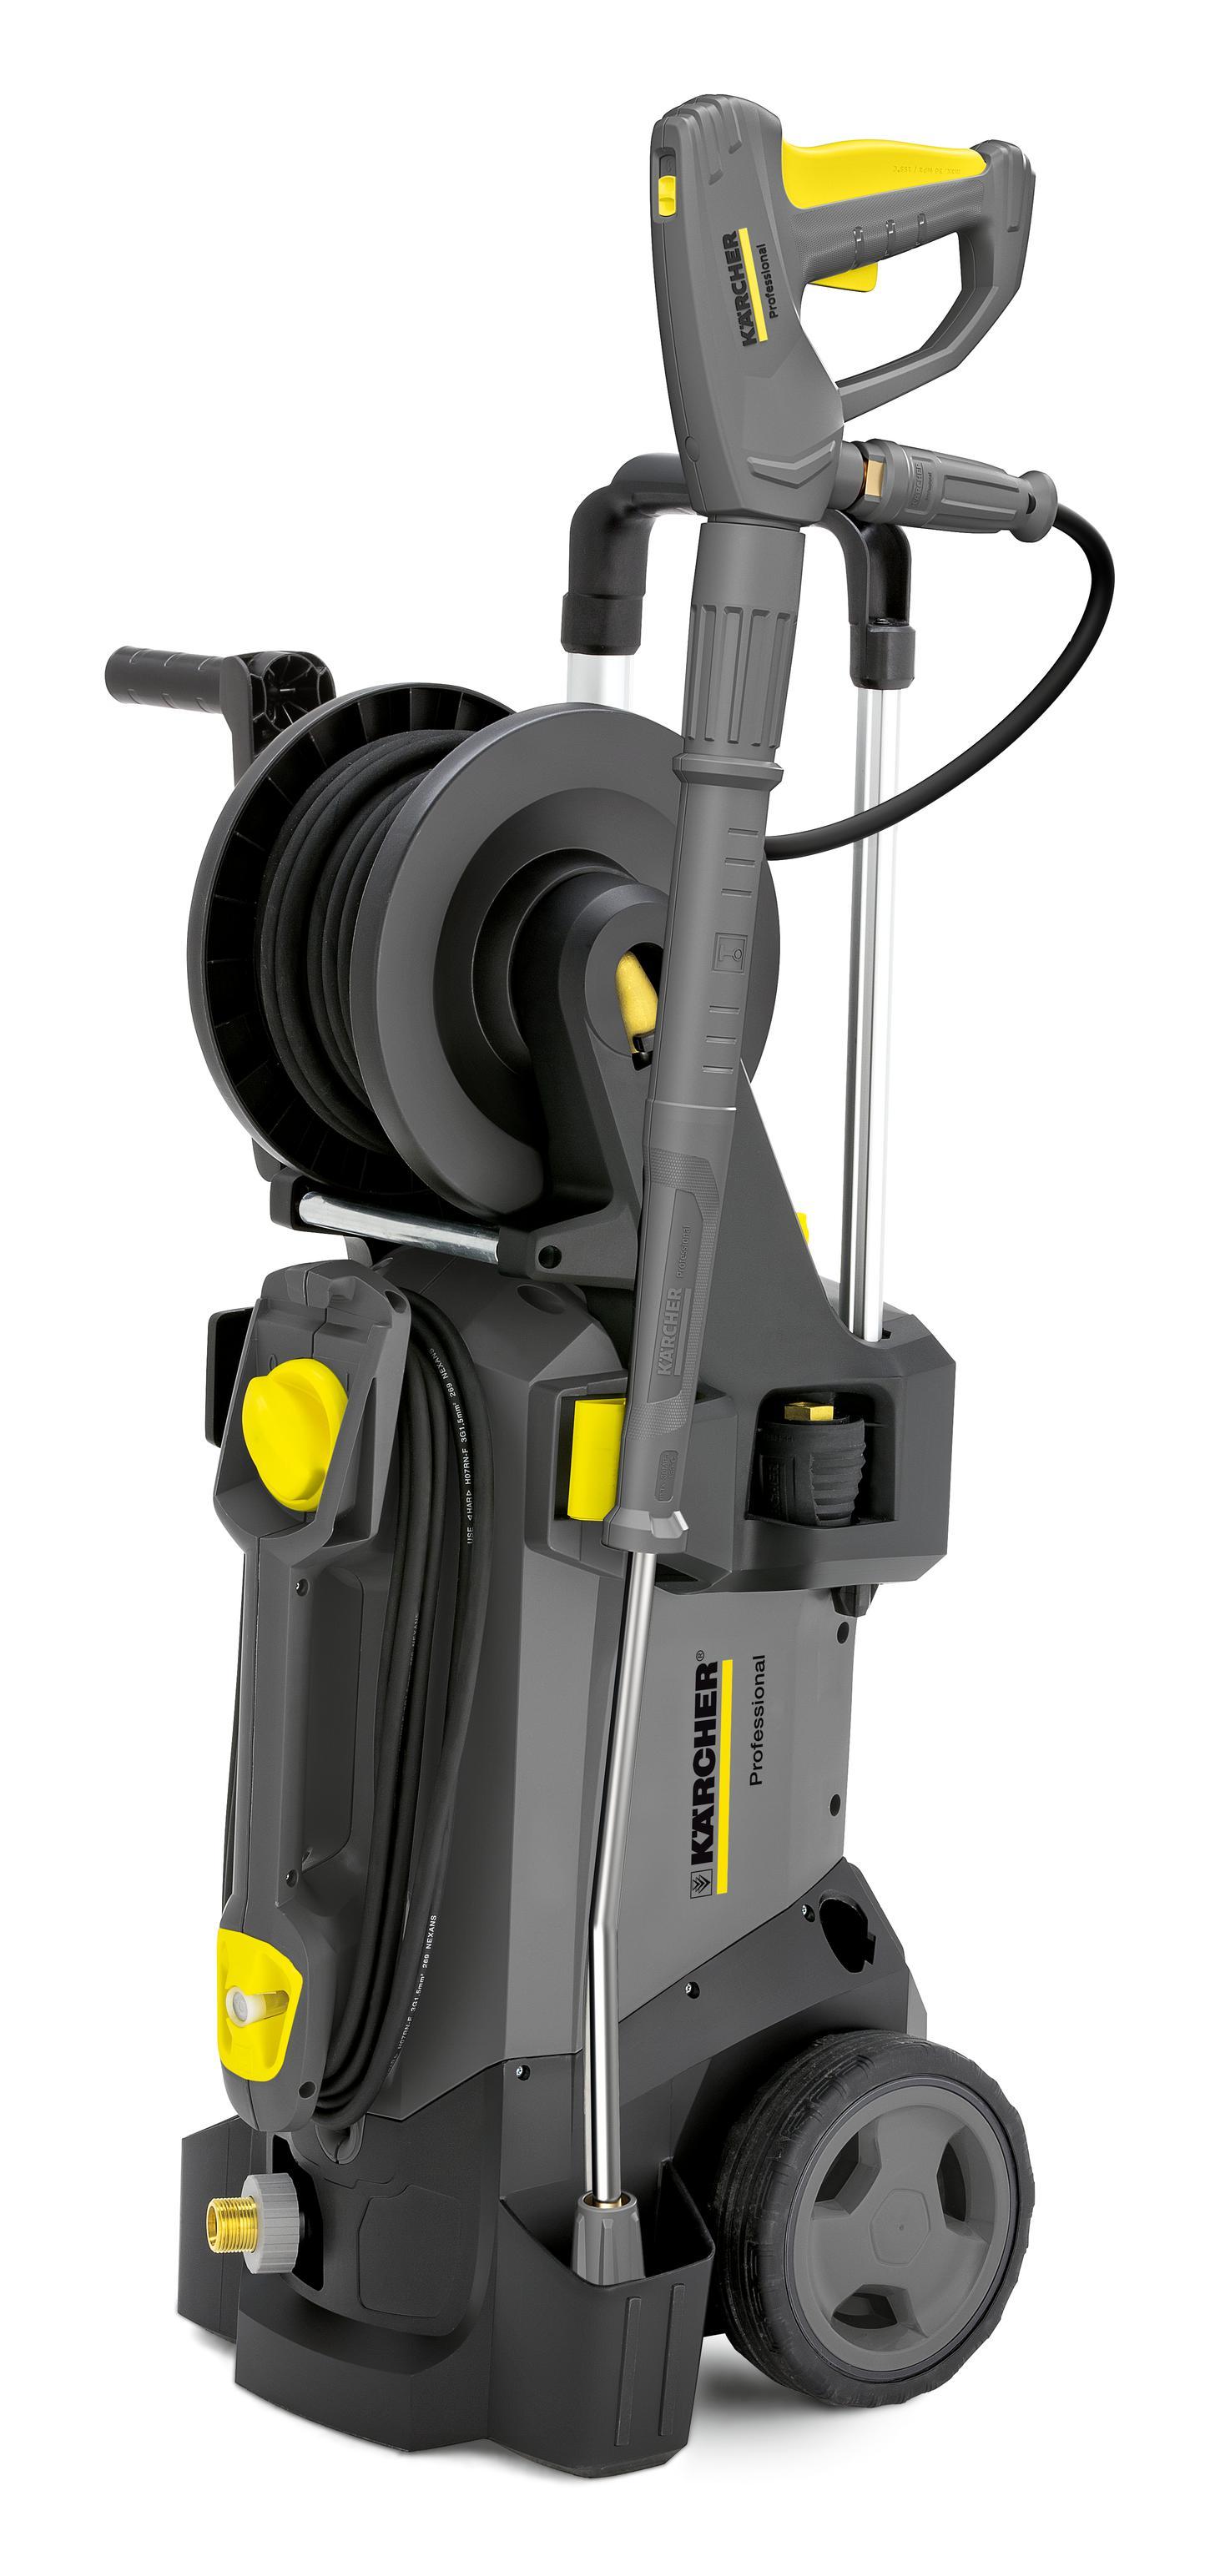 kärcher hochdruckreiniger hd 5/17 cx plus | rahmsdorf shop